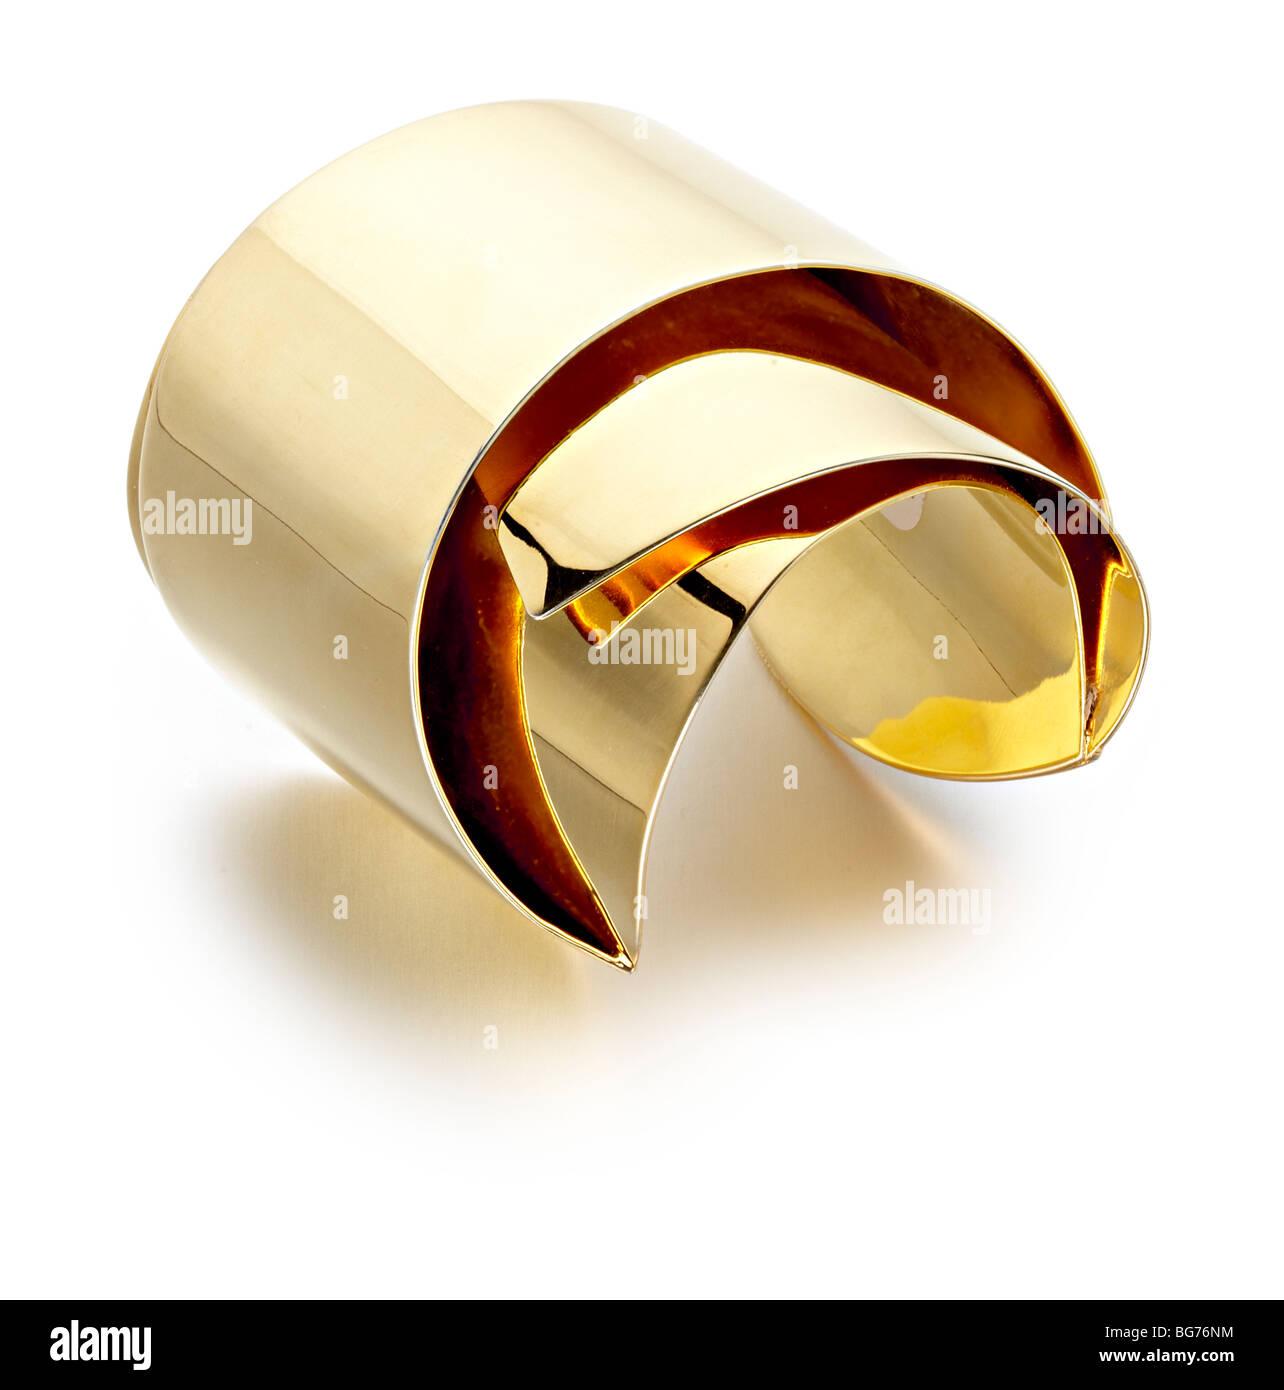 gold 80's style bracelet bangle - Stock Image